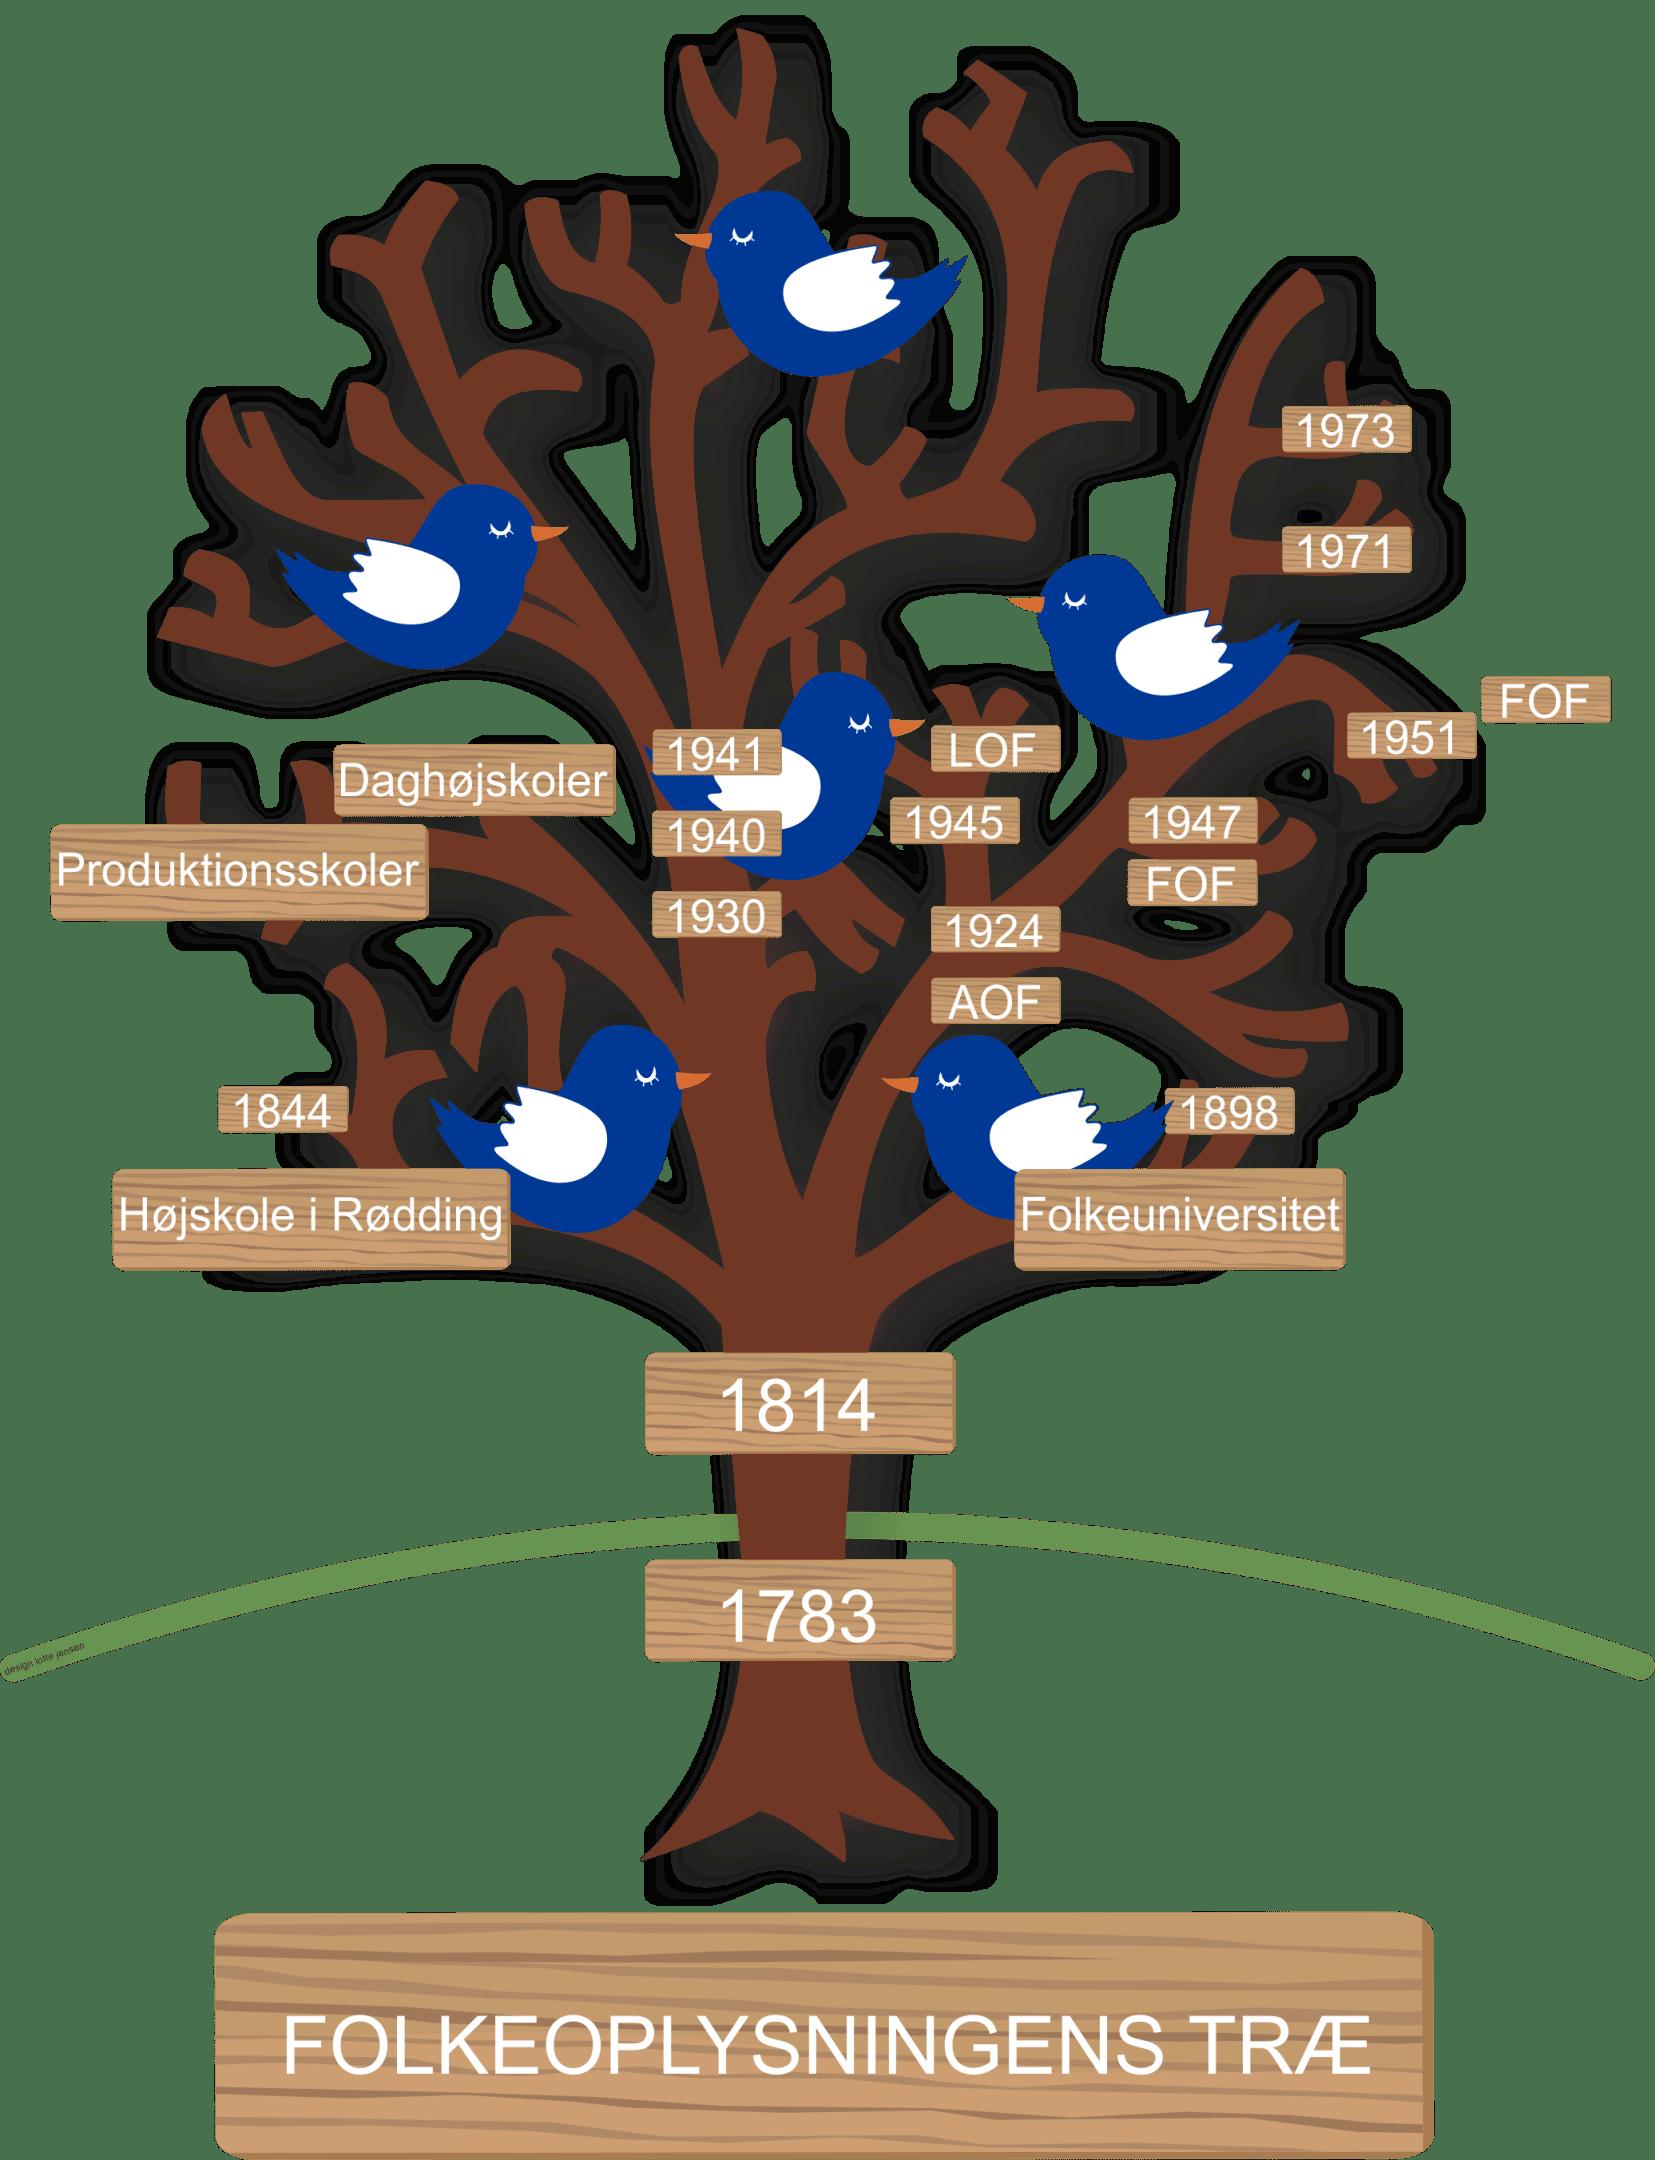 Folkeoplysningens træ